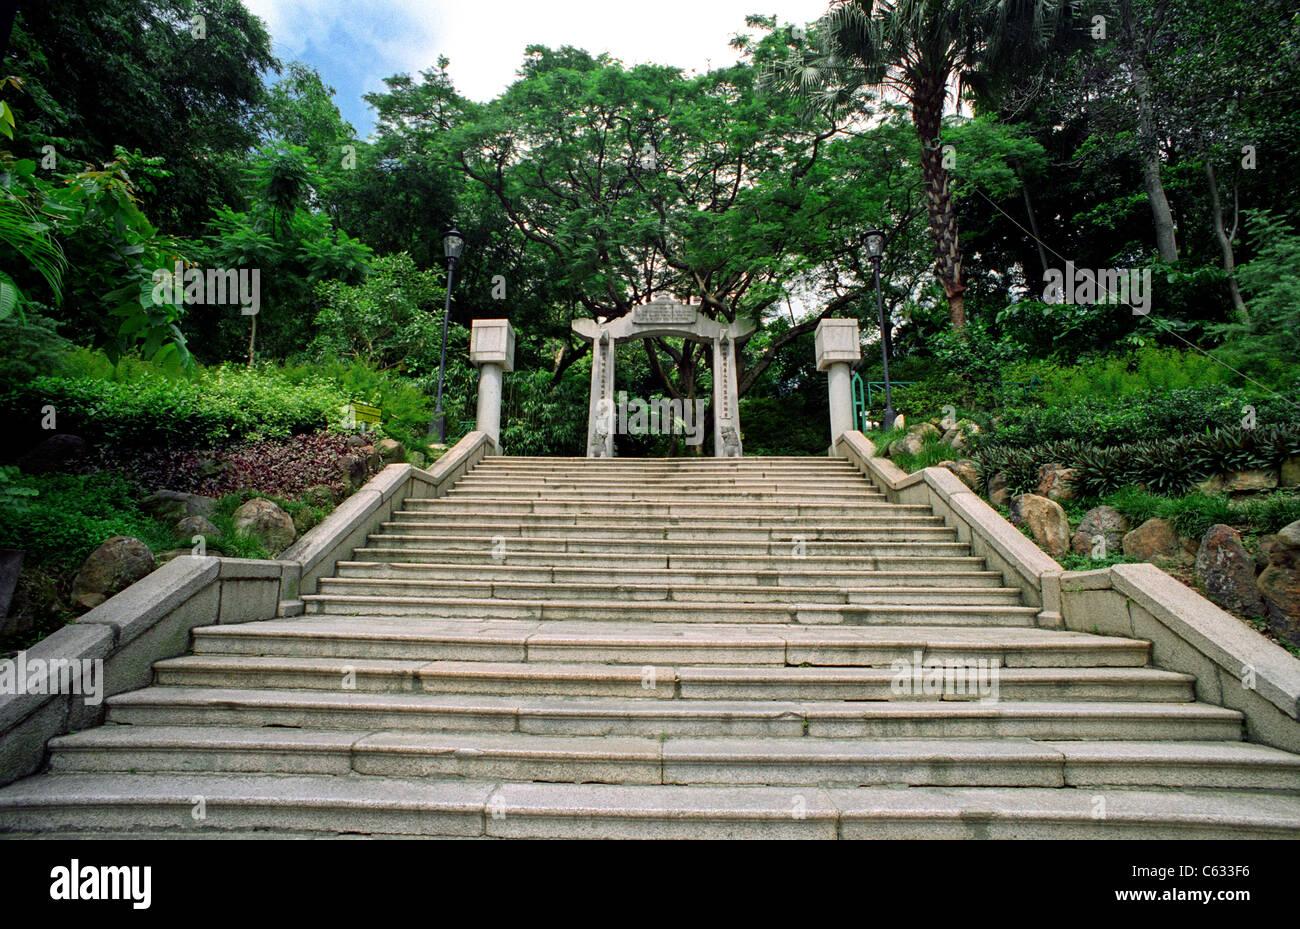 Hong Kong Memorial, Hong Kong, to the fallen of WW2. - Stock Image